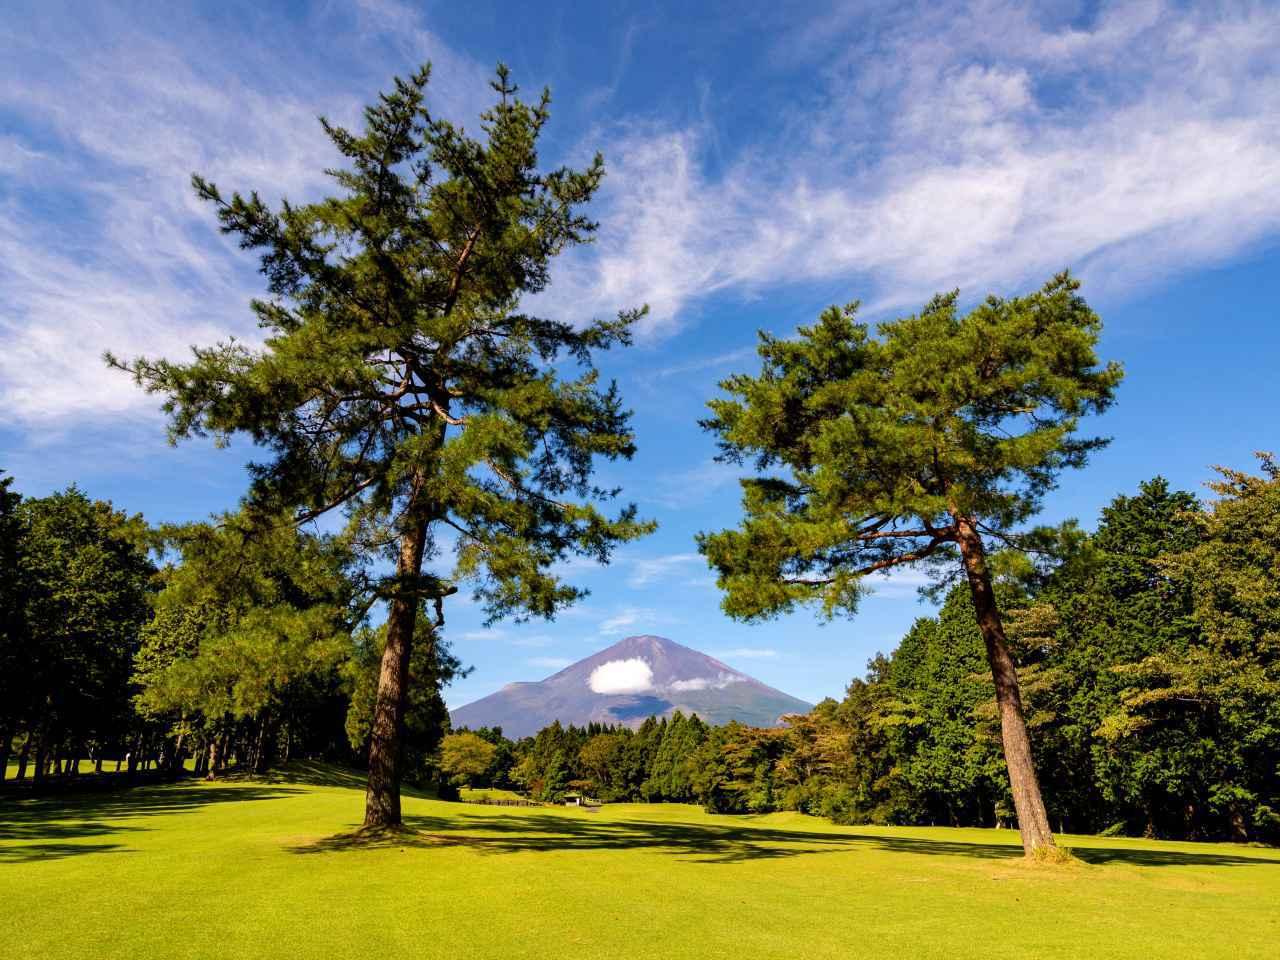 画像: 富士平原ゴルフクラブは、広くフラットで富士山の景観が楽しめる27ホール